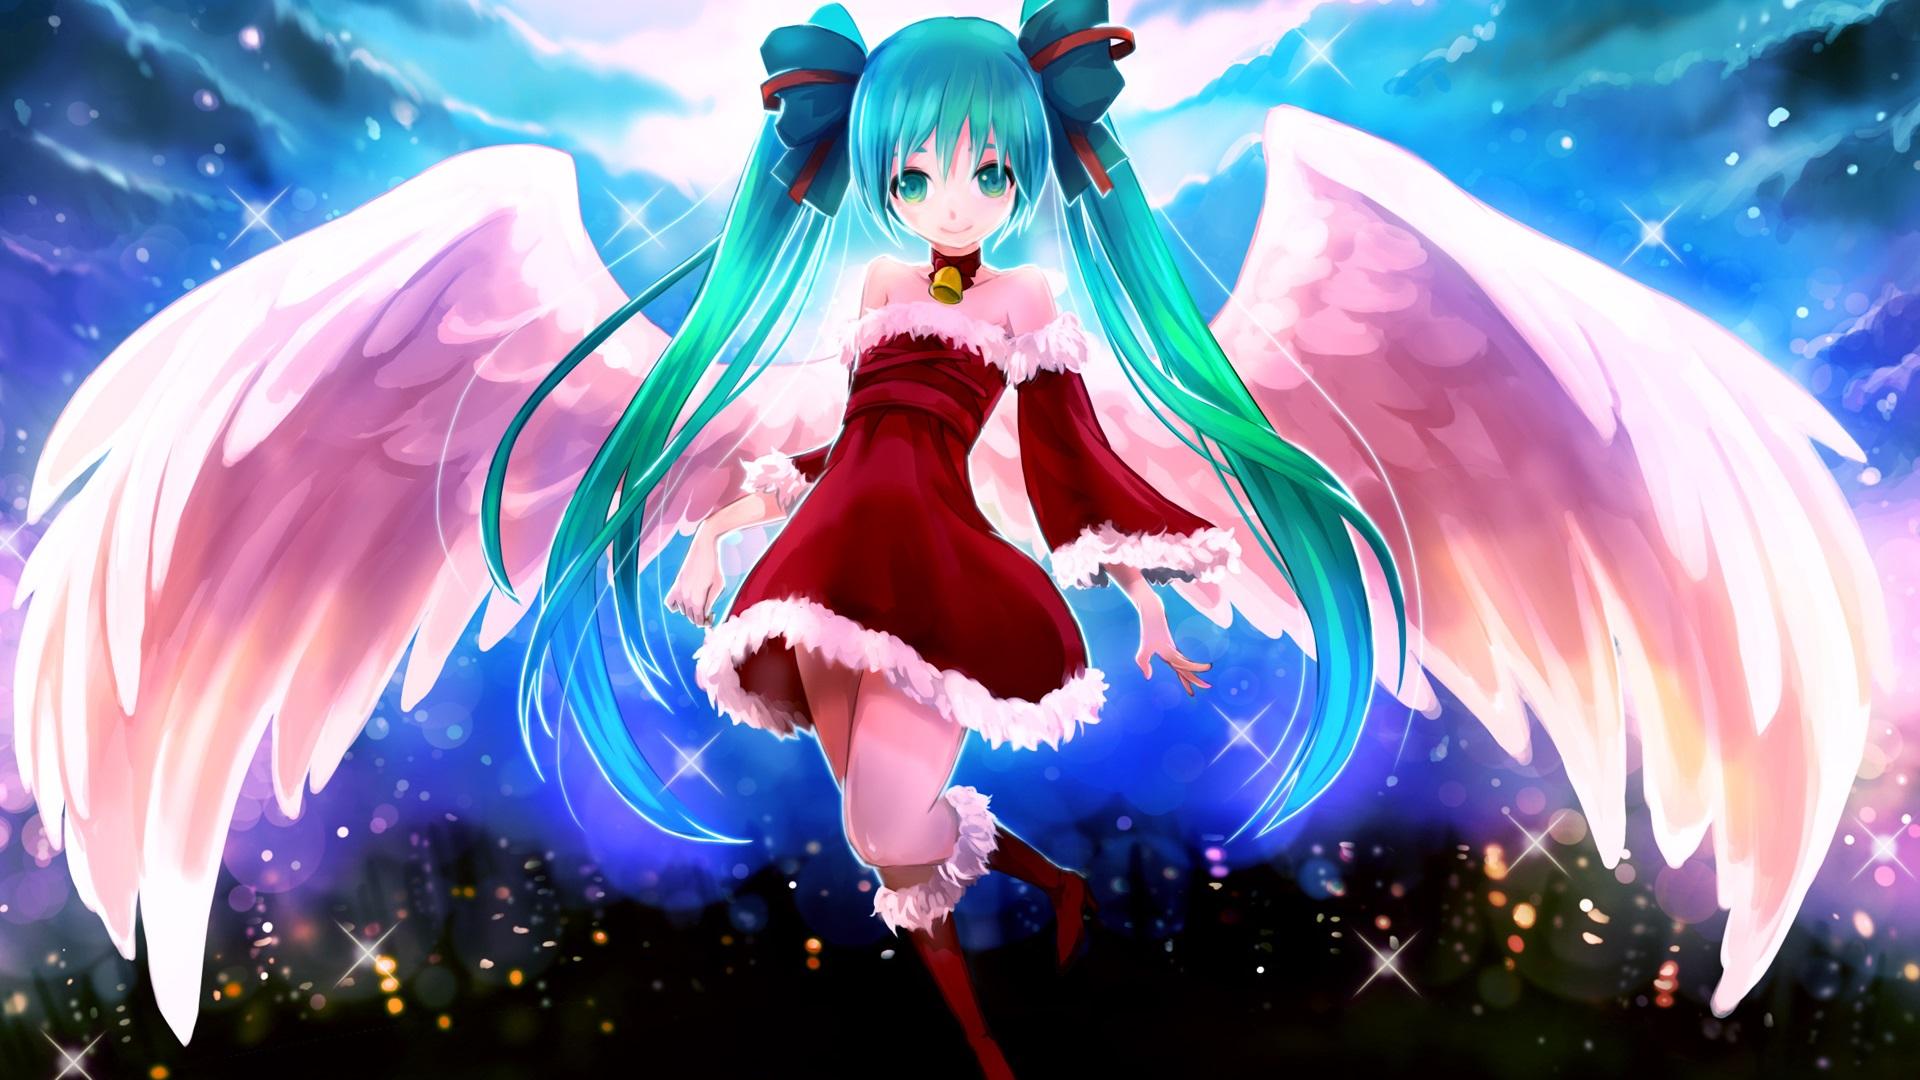 壁紙 アニメの女の子 青い髪 羽 19x10 Hd 無料のデスクトップの背景 画像